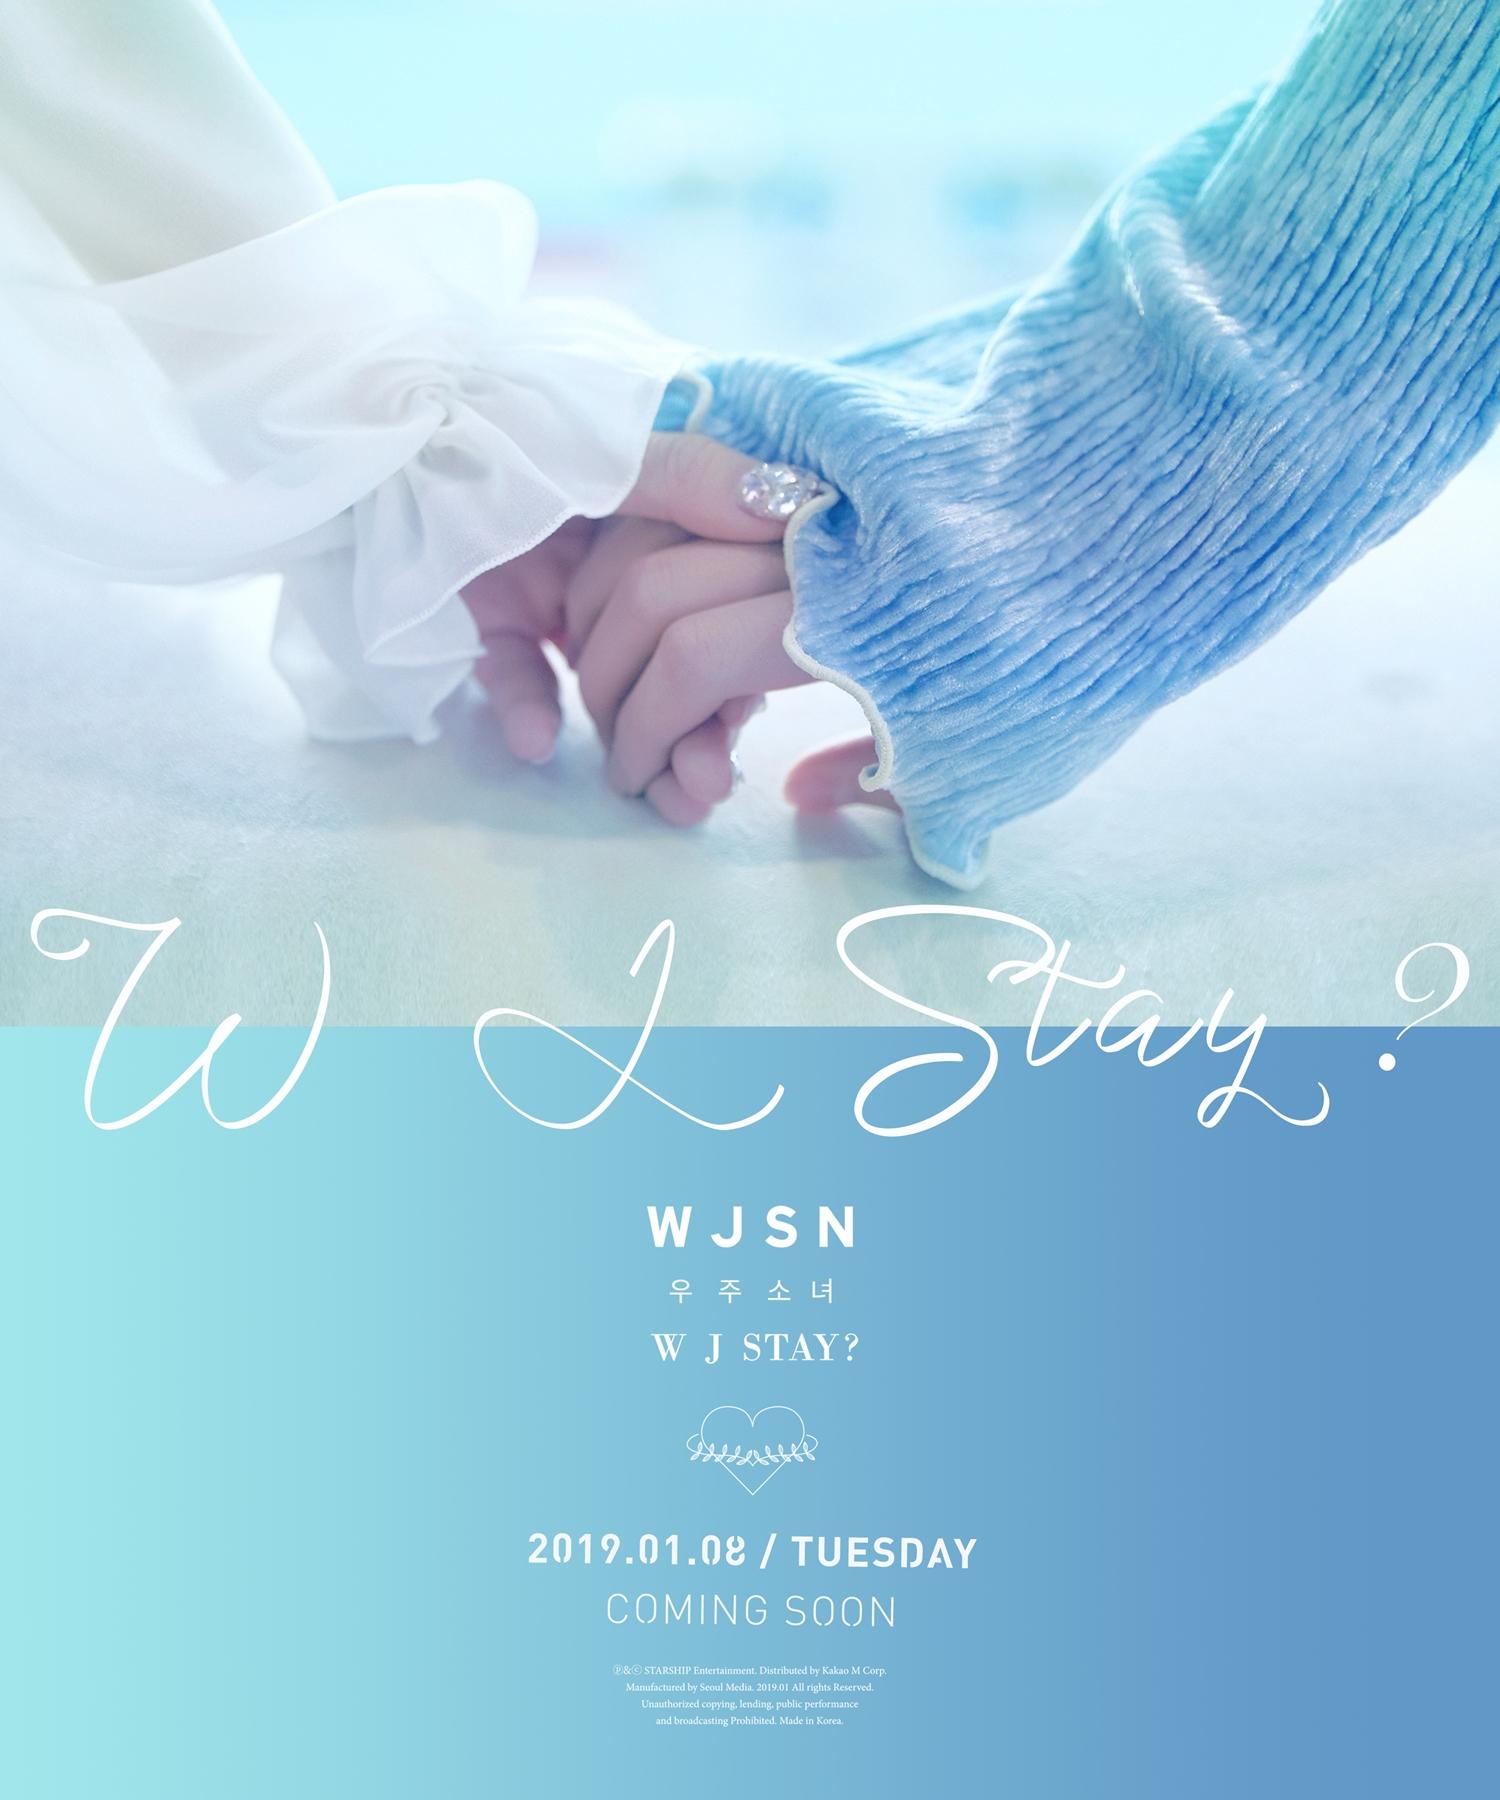 우주소녀, 내년 1월 8일 컴백 확정…'WJ STAY?' 커밍순 이미지 깜짝 공개 '청량+화사'